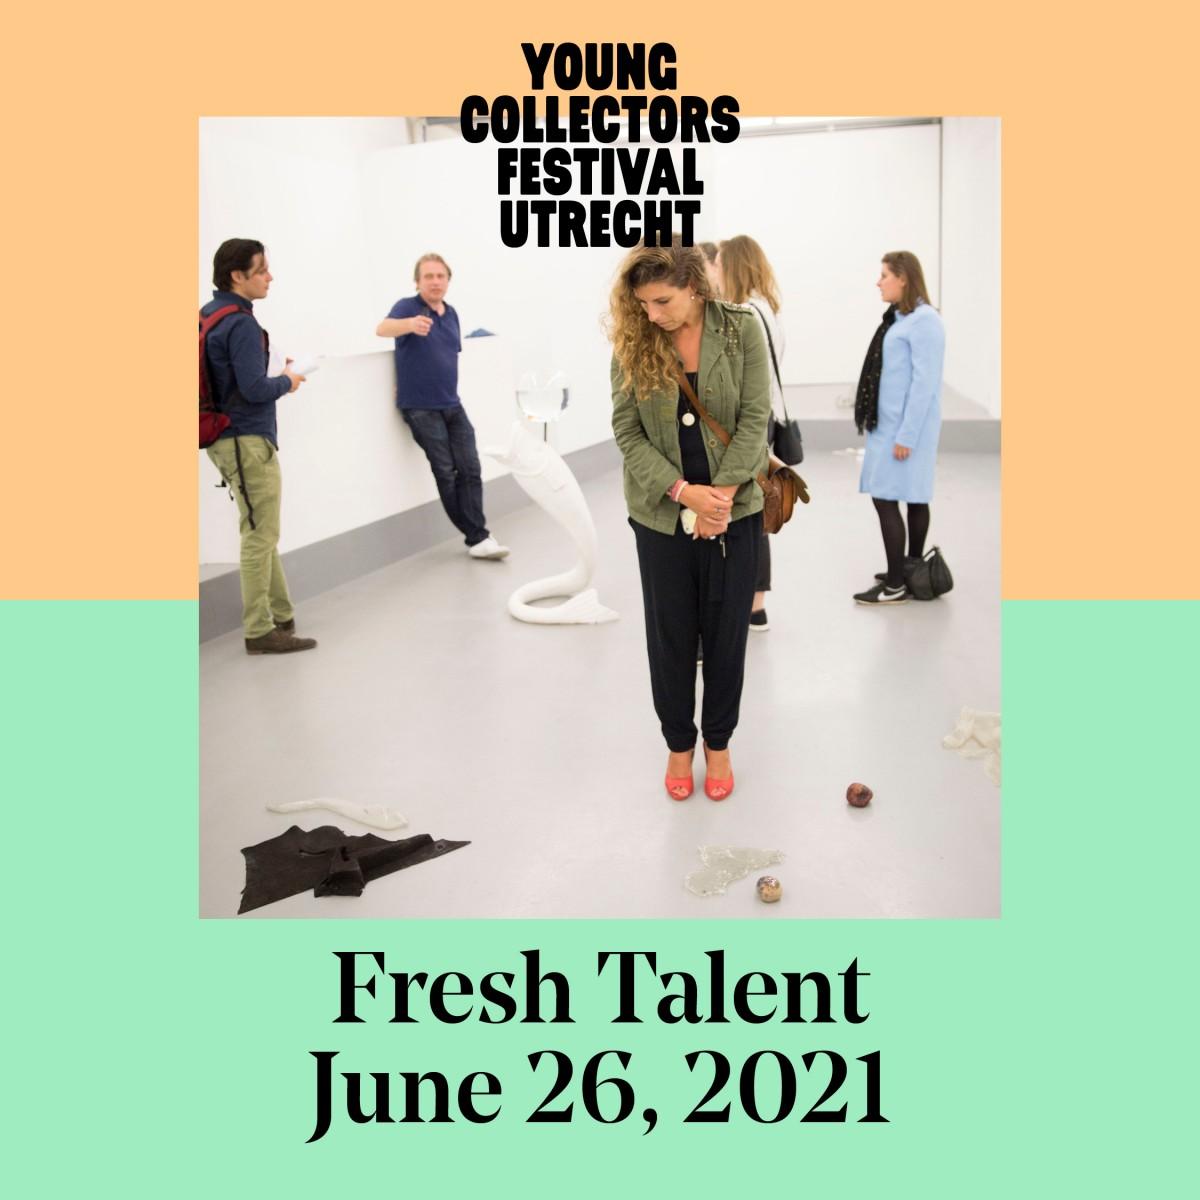 Young Collectors Circle Festival Utrecht Fresh Talent Kunst kopen kijken ontdekken verzamelen